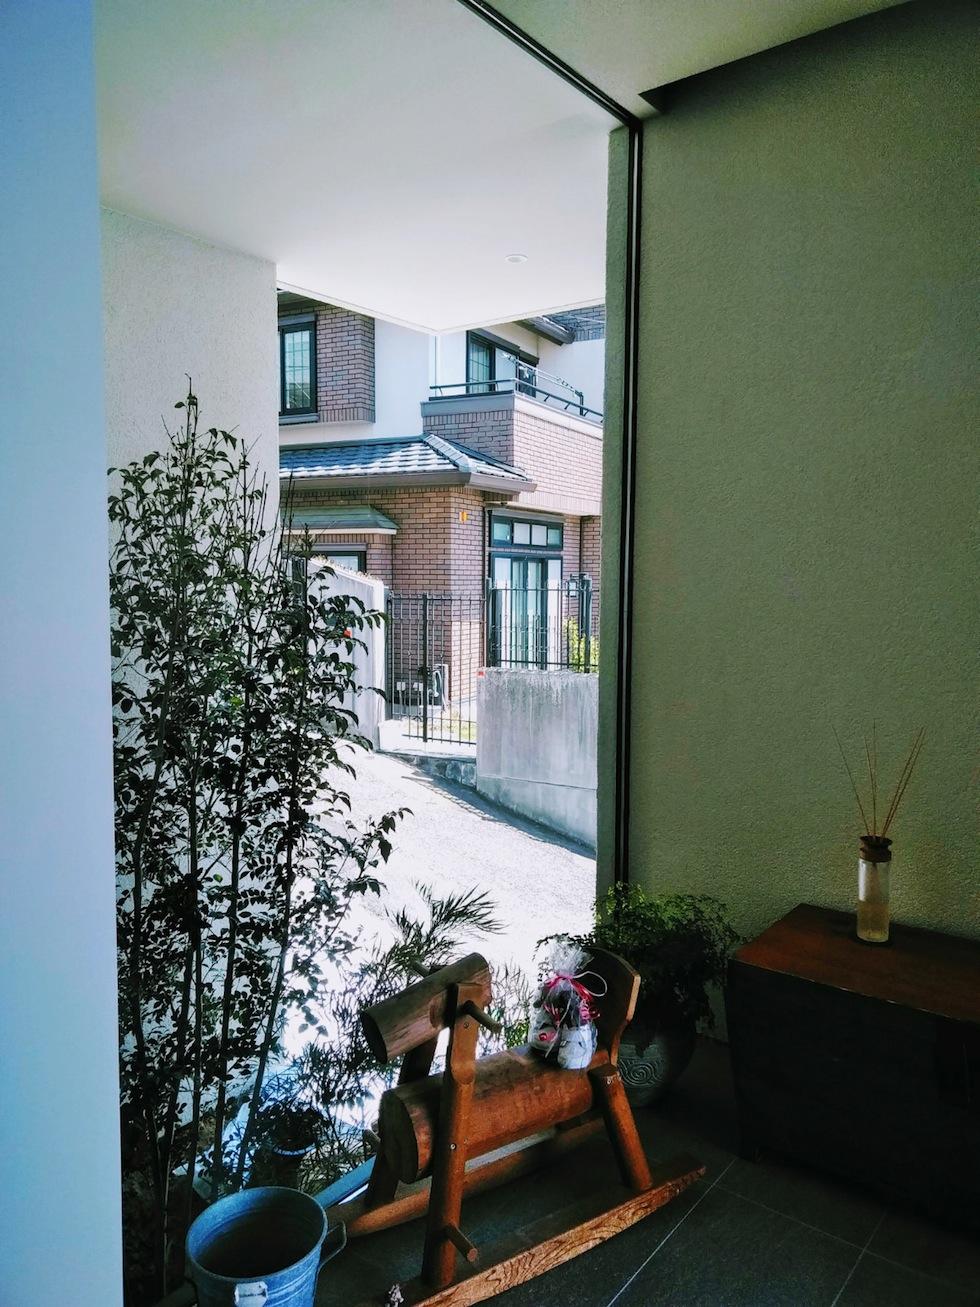 建築家,設計事務所,高級注文住宅設計,大阪,神戸,宝塚,雲雀丘,眺望の家,ビューハウス,スカイテラス,エントランスギャラリー